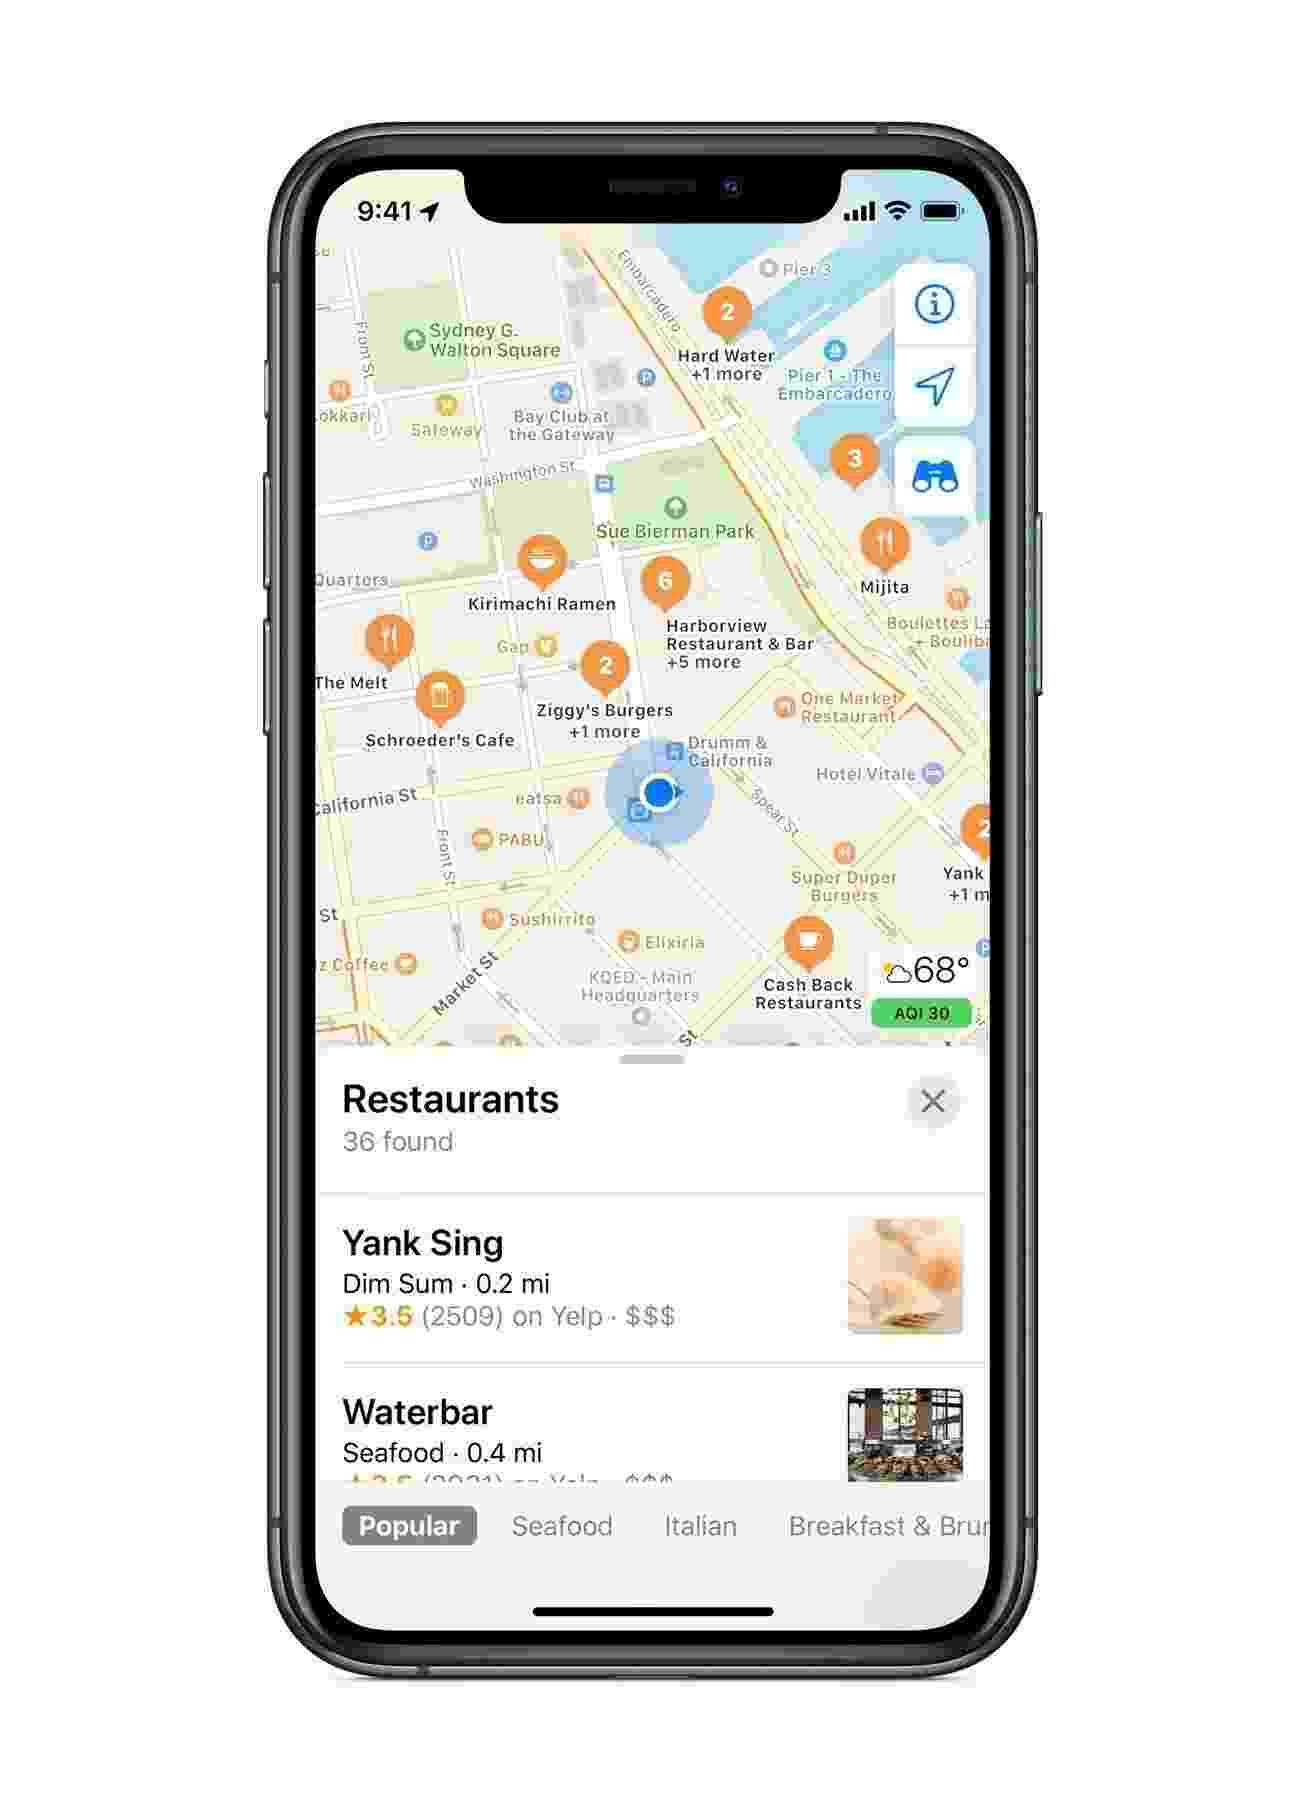 Disponível apenas nos EUA, novo Apple Maps traz vias e prédios mais detalhados - Divulgação/Apple